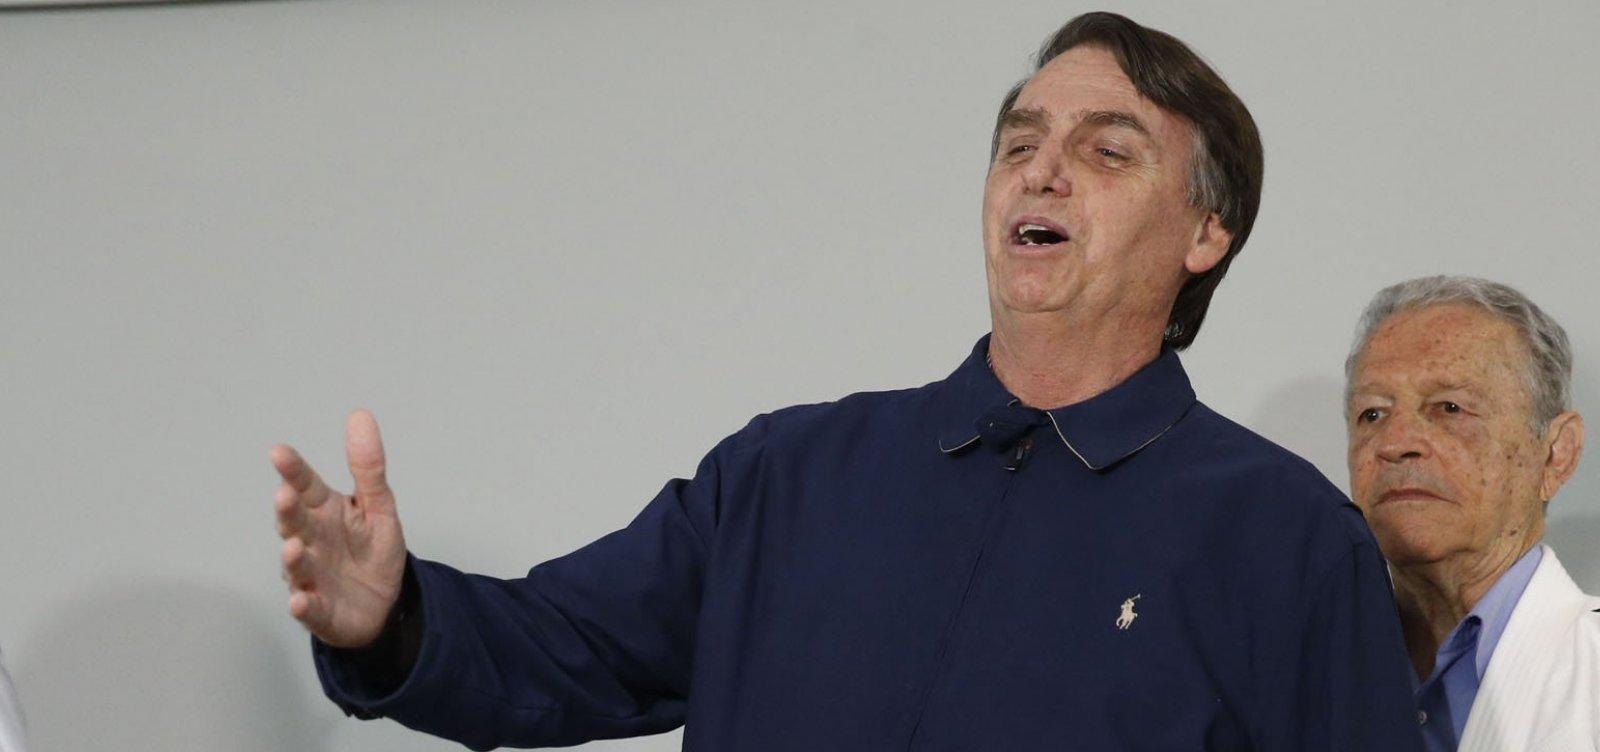 Bolsonaro diz que vai dar 'ippon' na corrupção, na violência e na ideologia